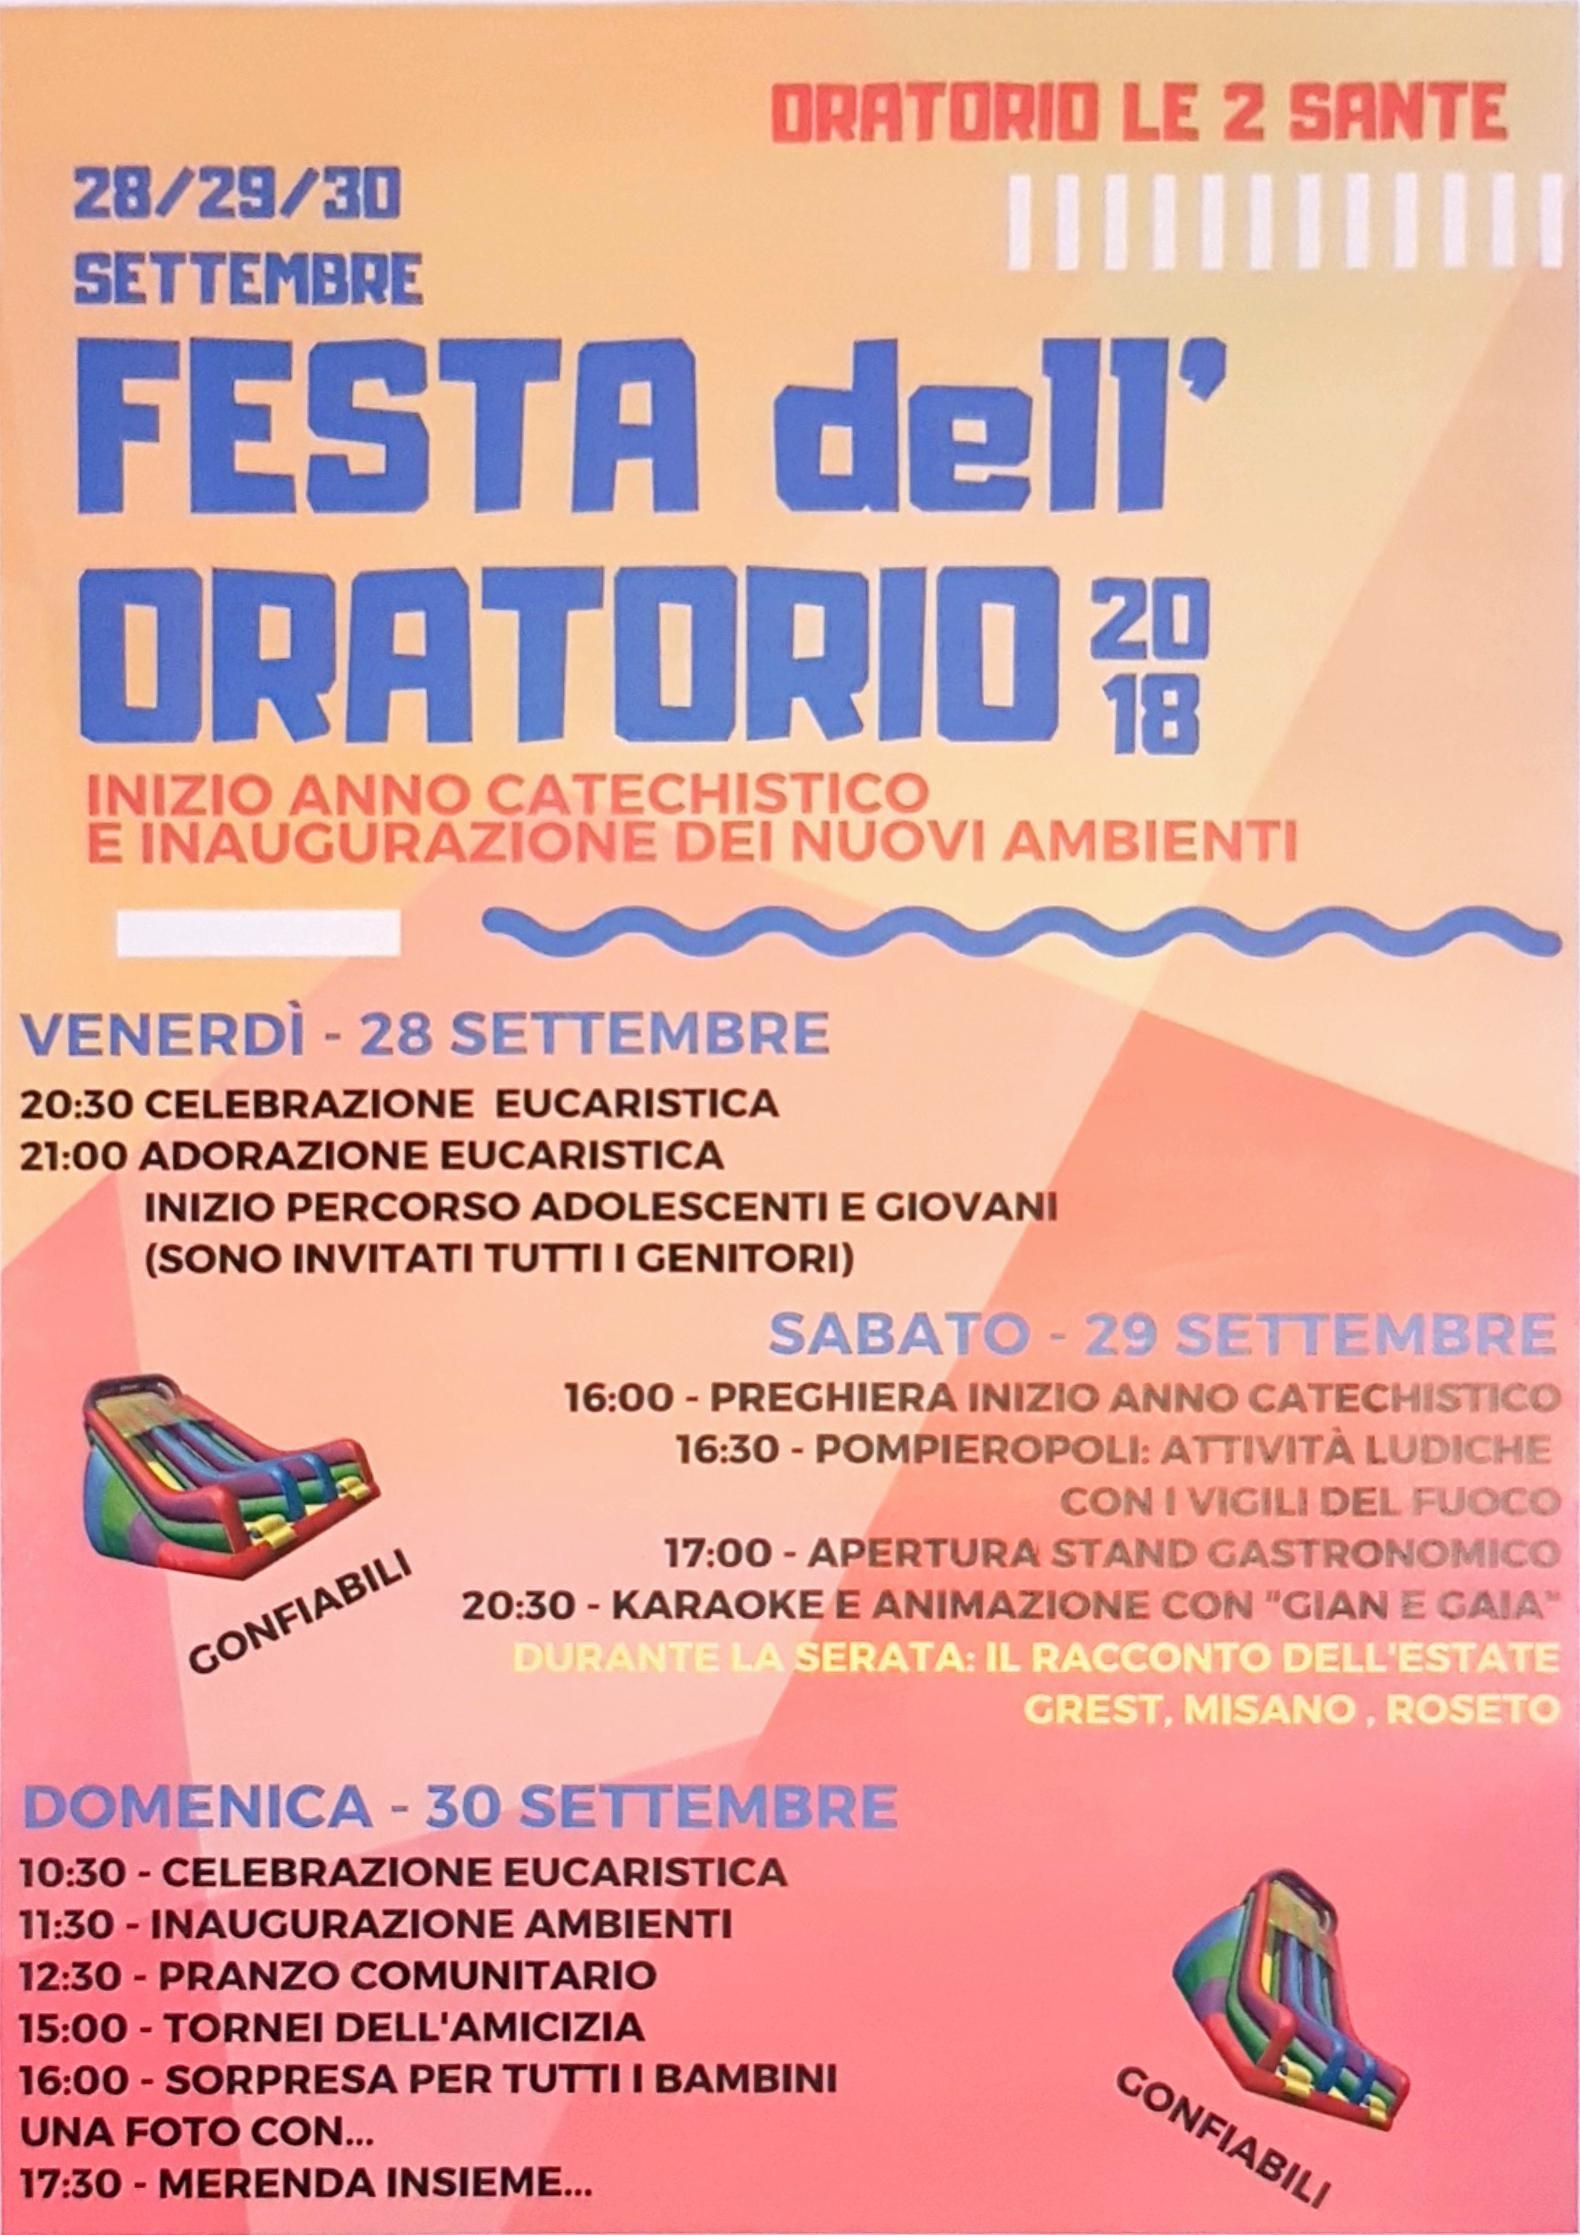 Calendario Agosto 2019 Con Santi Más Actual Home Of Calendario Agosto 2019 Con Santi Más Caliente Une Di Nove Archivio eventi E Manifestazioni